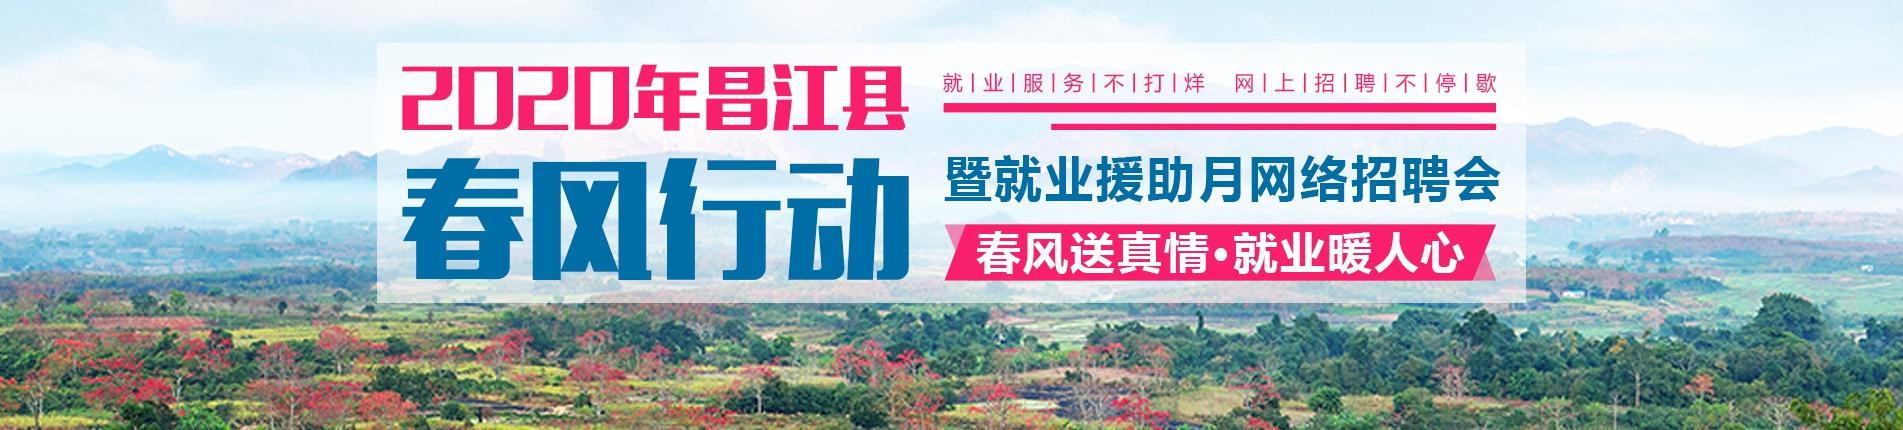 """2020年昌江县""""春风行动暨就业援助月""""网络招聘会——春风送真情,就业暖人心"""